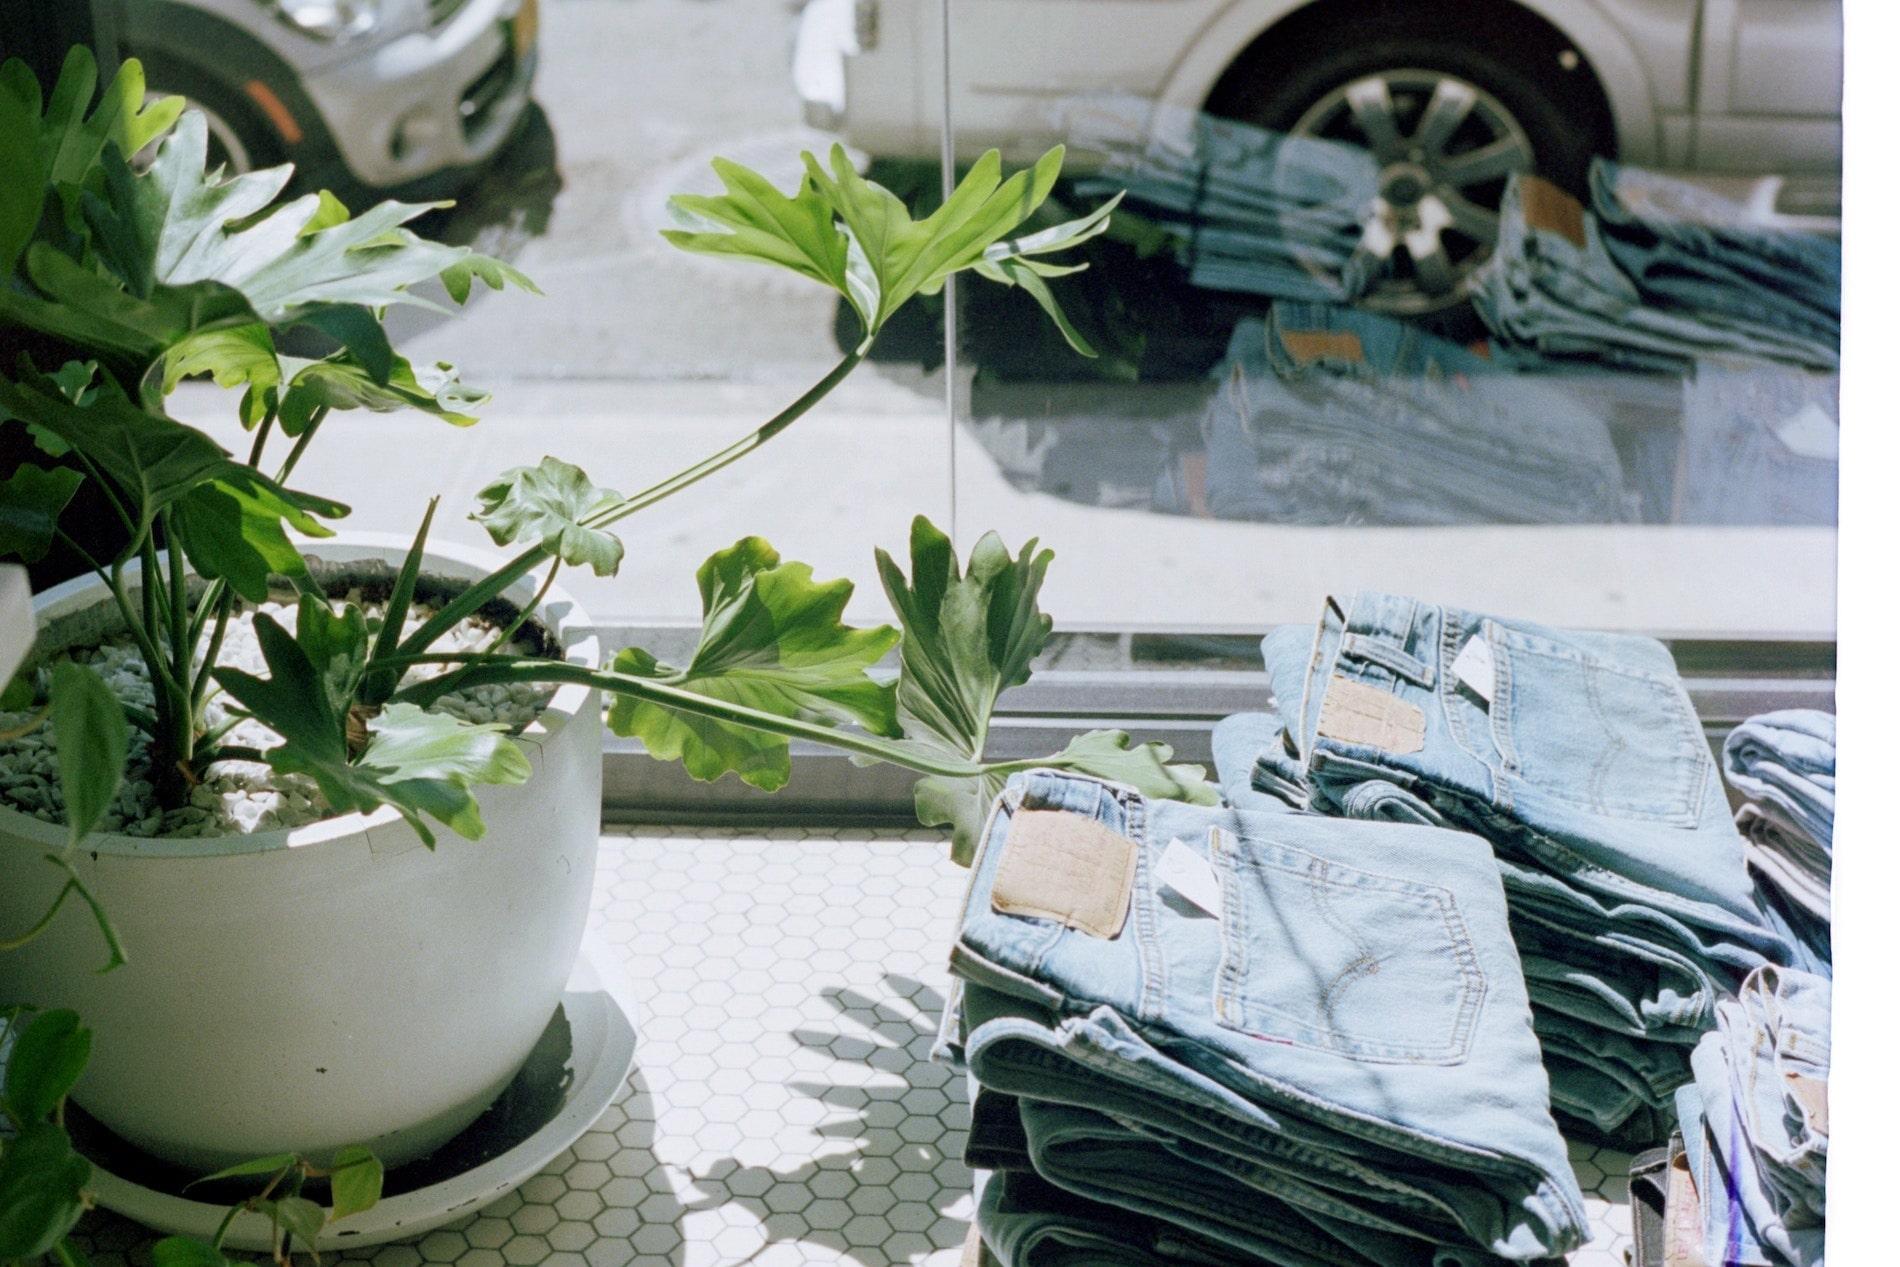 Pile of jeans folded in shop window